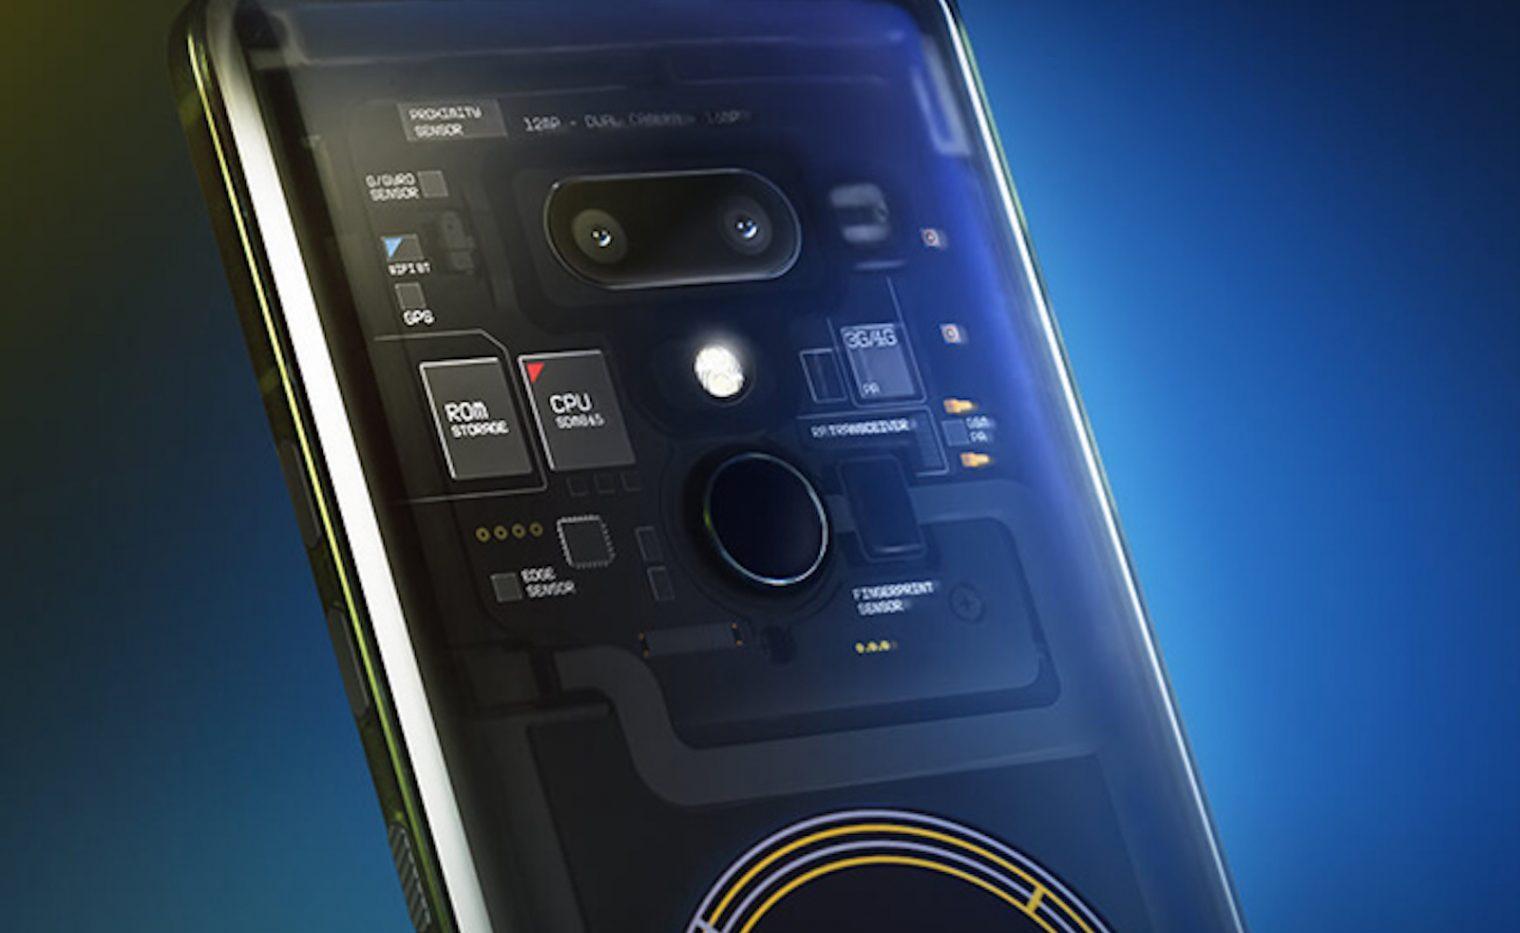 HTC vytvořil chytrý telefon Exodus 1, který běží na blockchainu